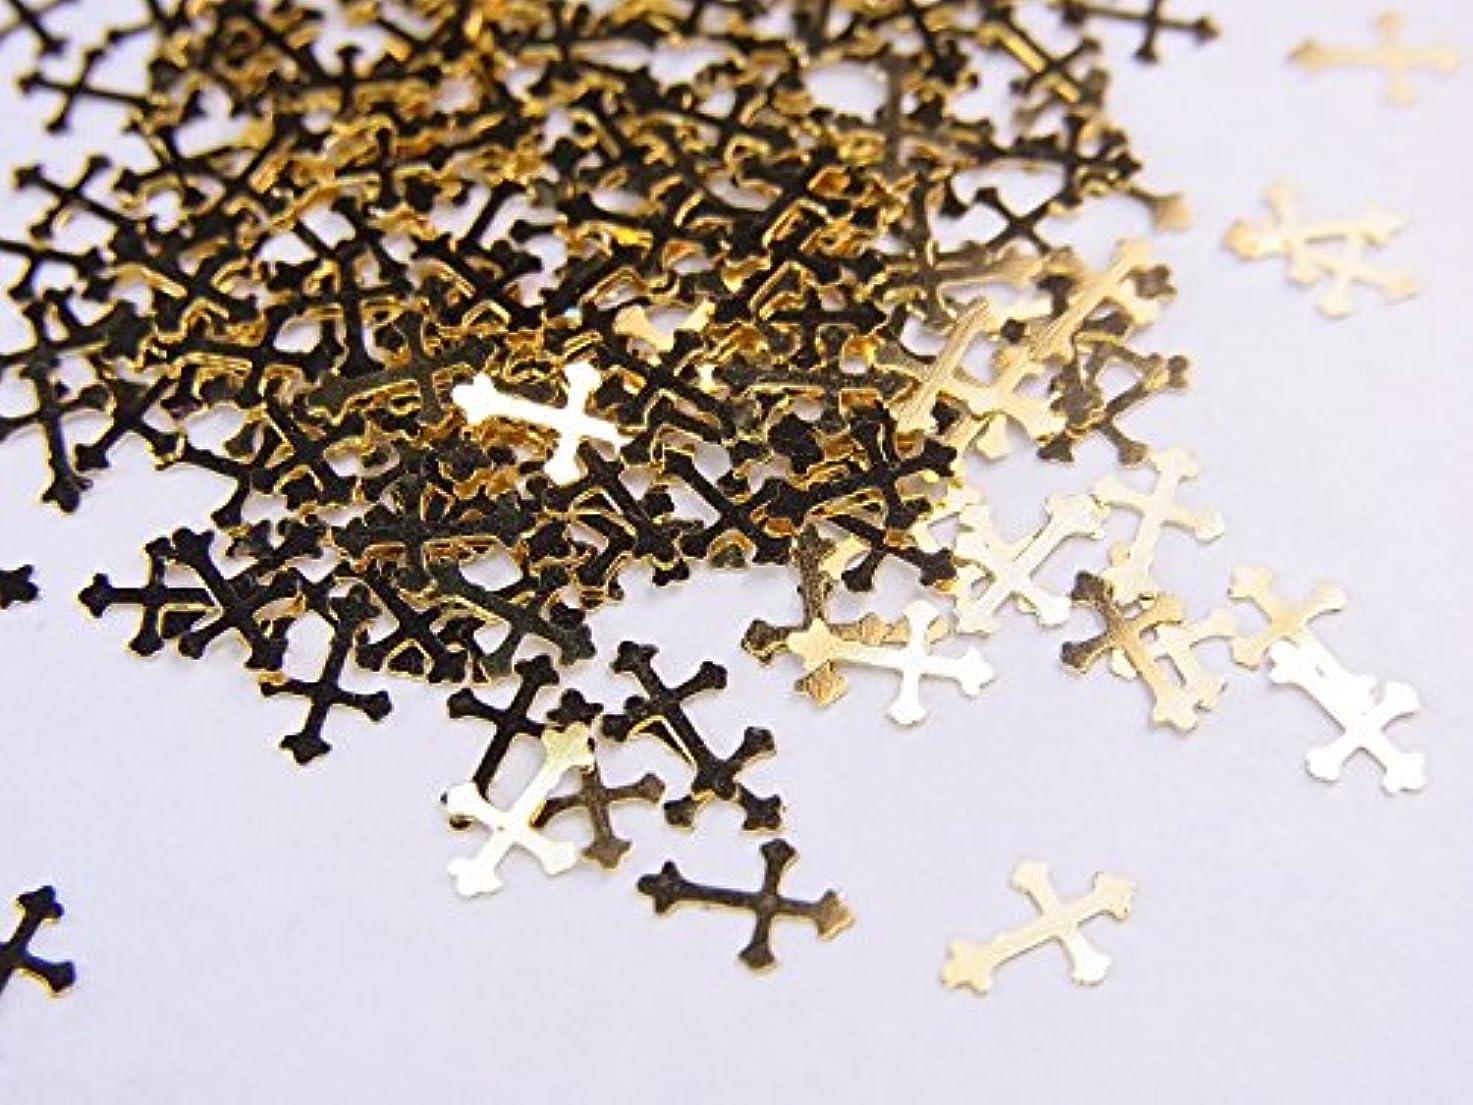 夏特許トレイル【jewel】薄型ネイルパーツ ゴールド クロス十字架10個